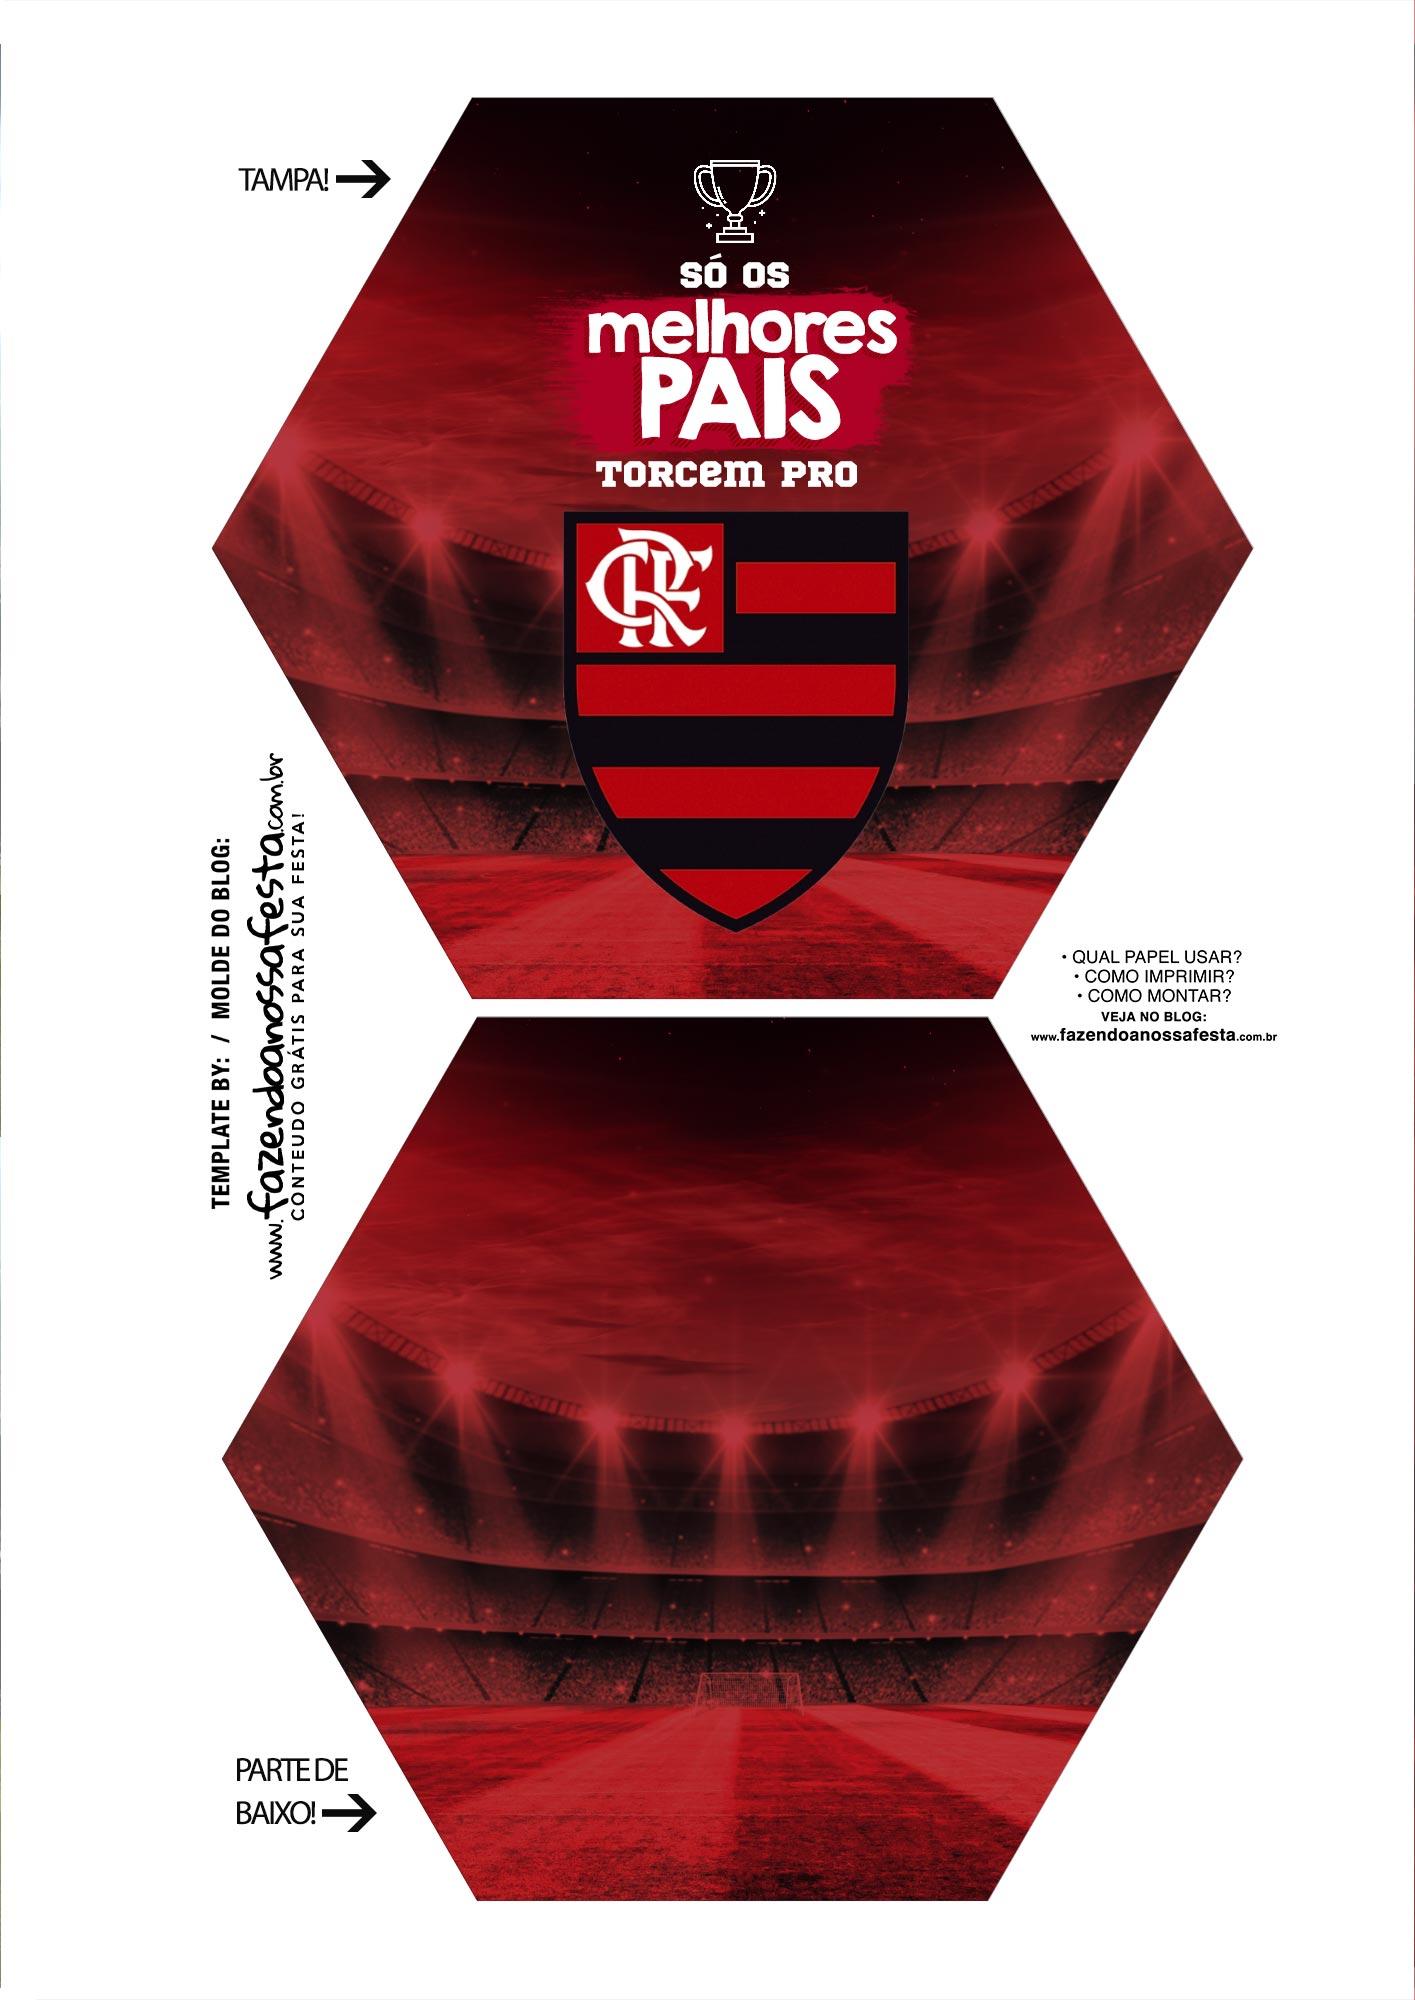 Caixa Explosao Times de Futebol Flamengo Parte 1